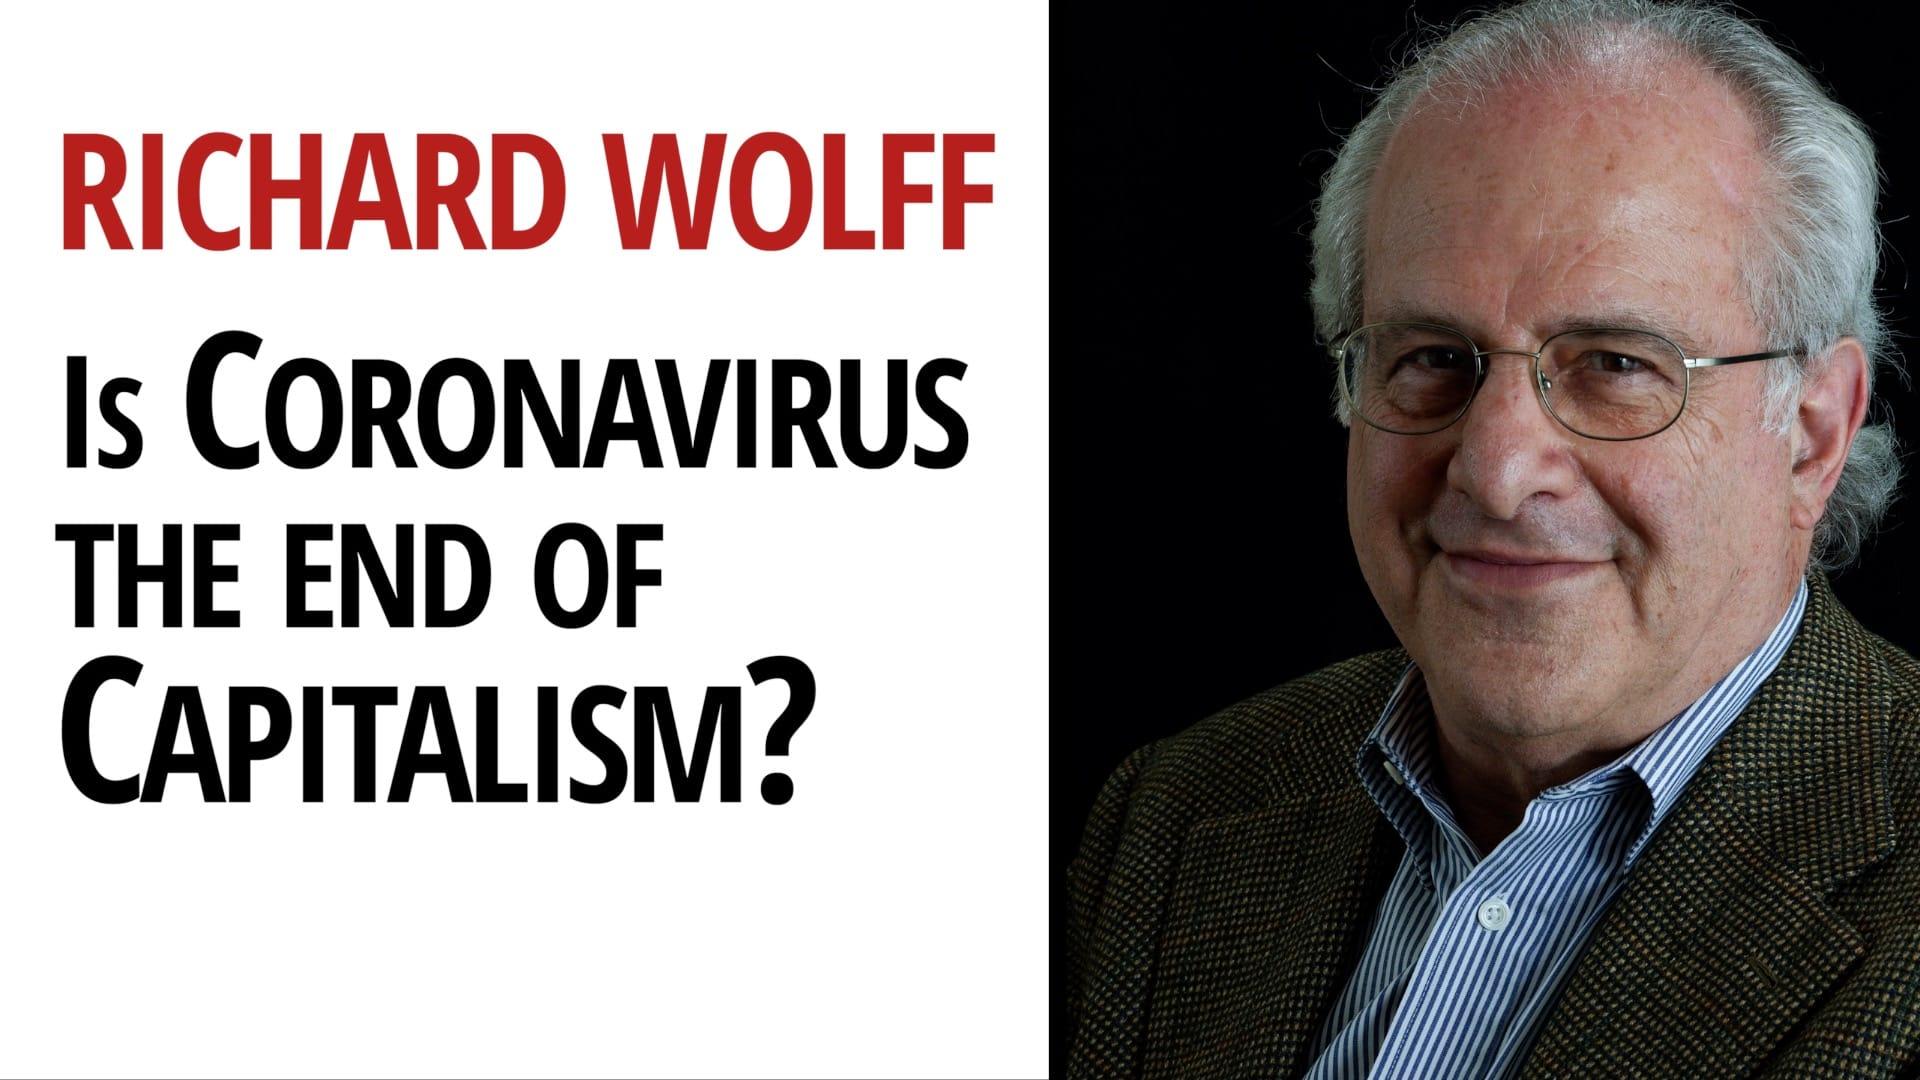 Coronavirus Capitalism Richard Wolff